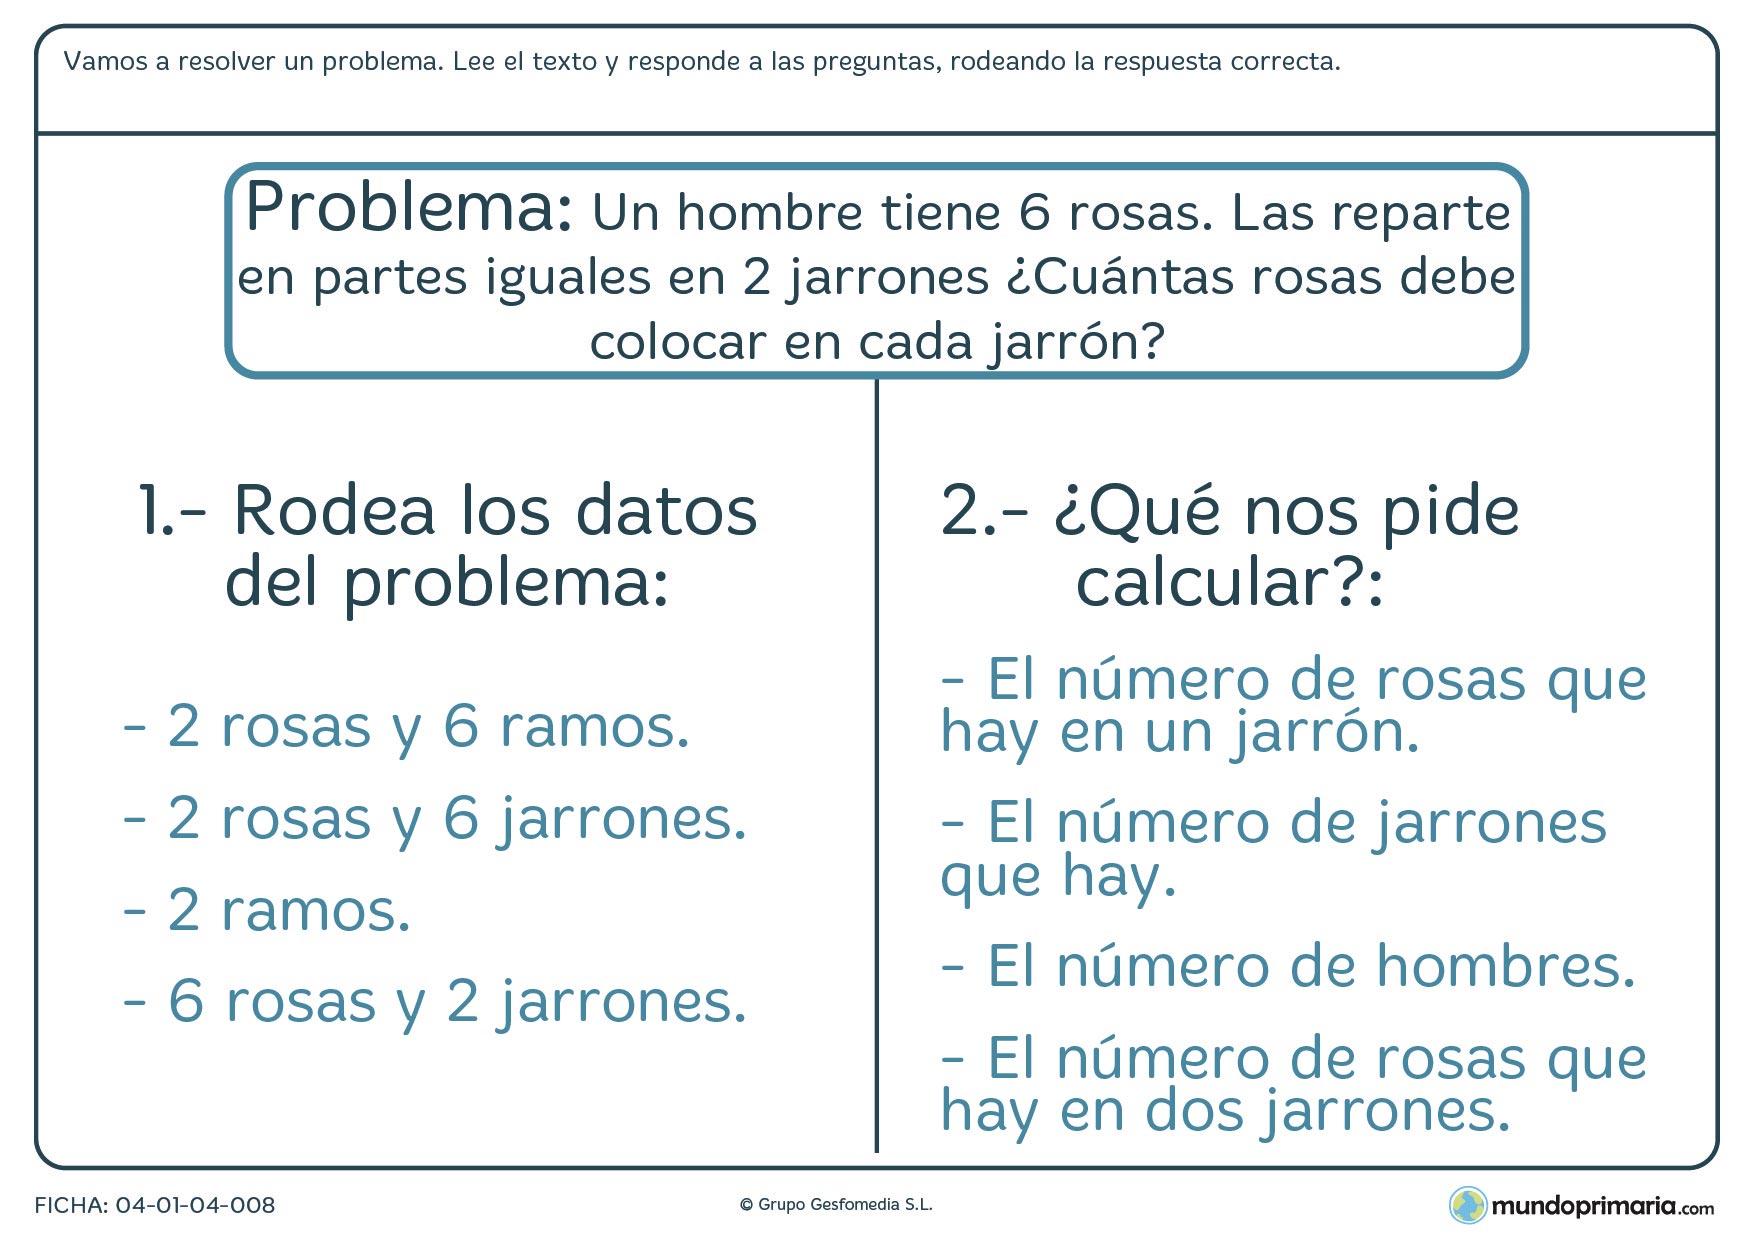 Ficha de resolver el problema sobre rosas y jarrones en el que hay que leer un texto y responder a las preguntas sobre éste.